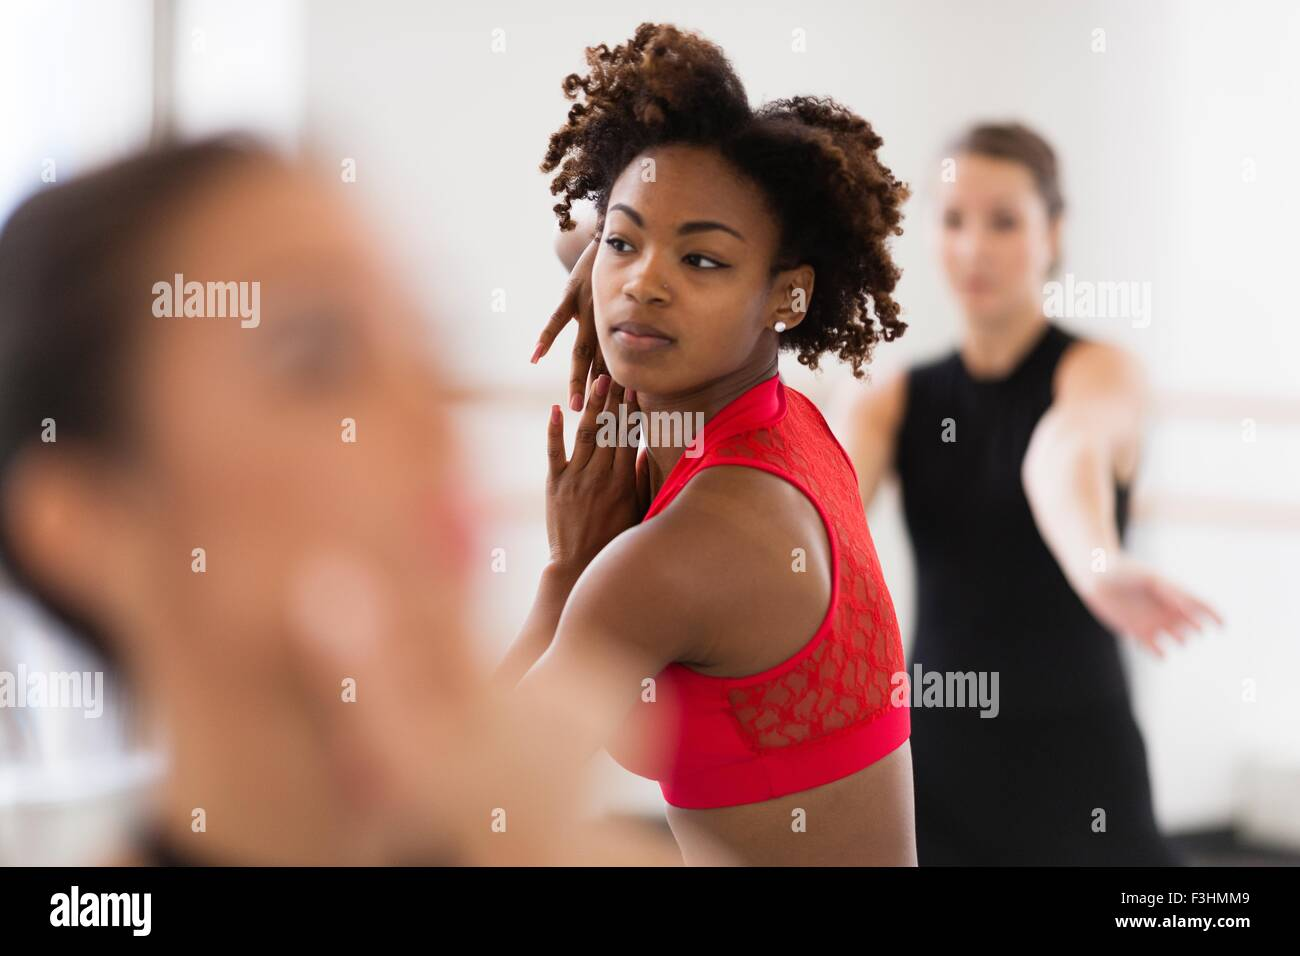 Les jeunes femmes à la danse loin, differential focus Photo Stock